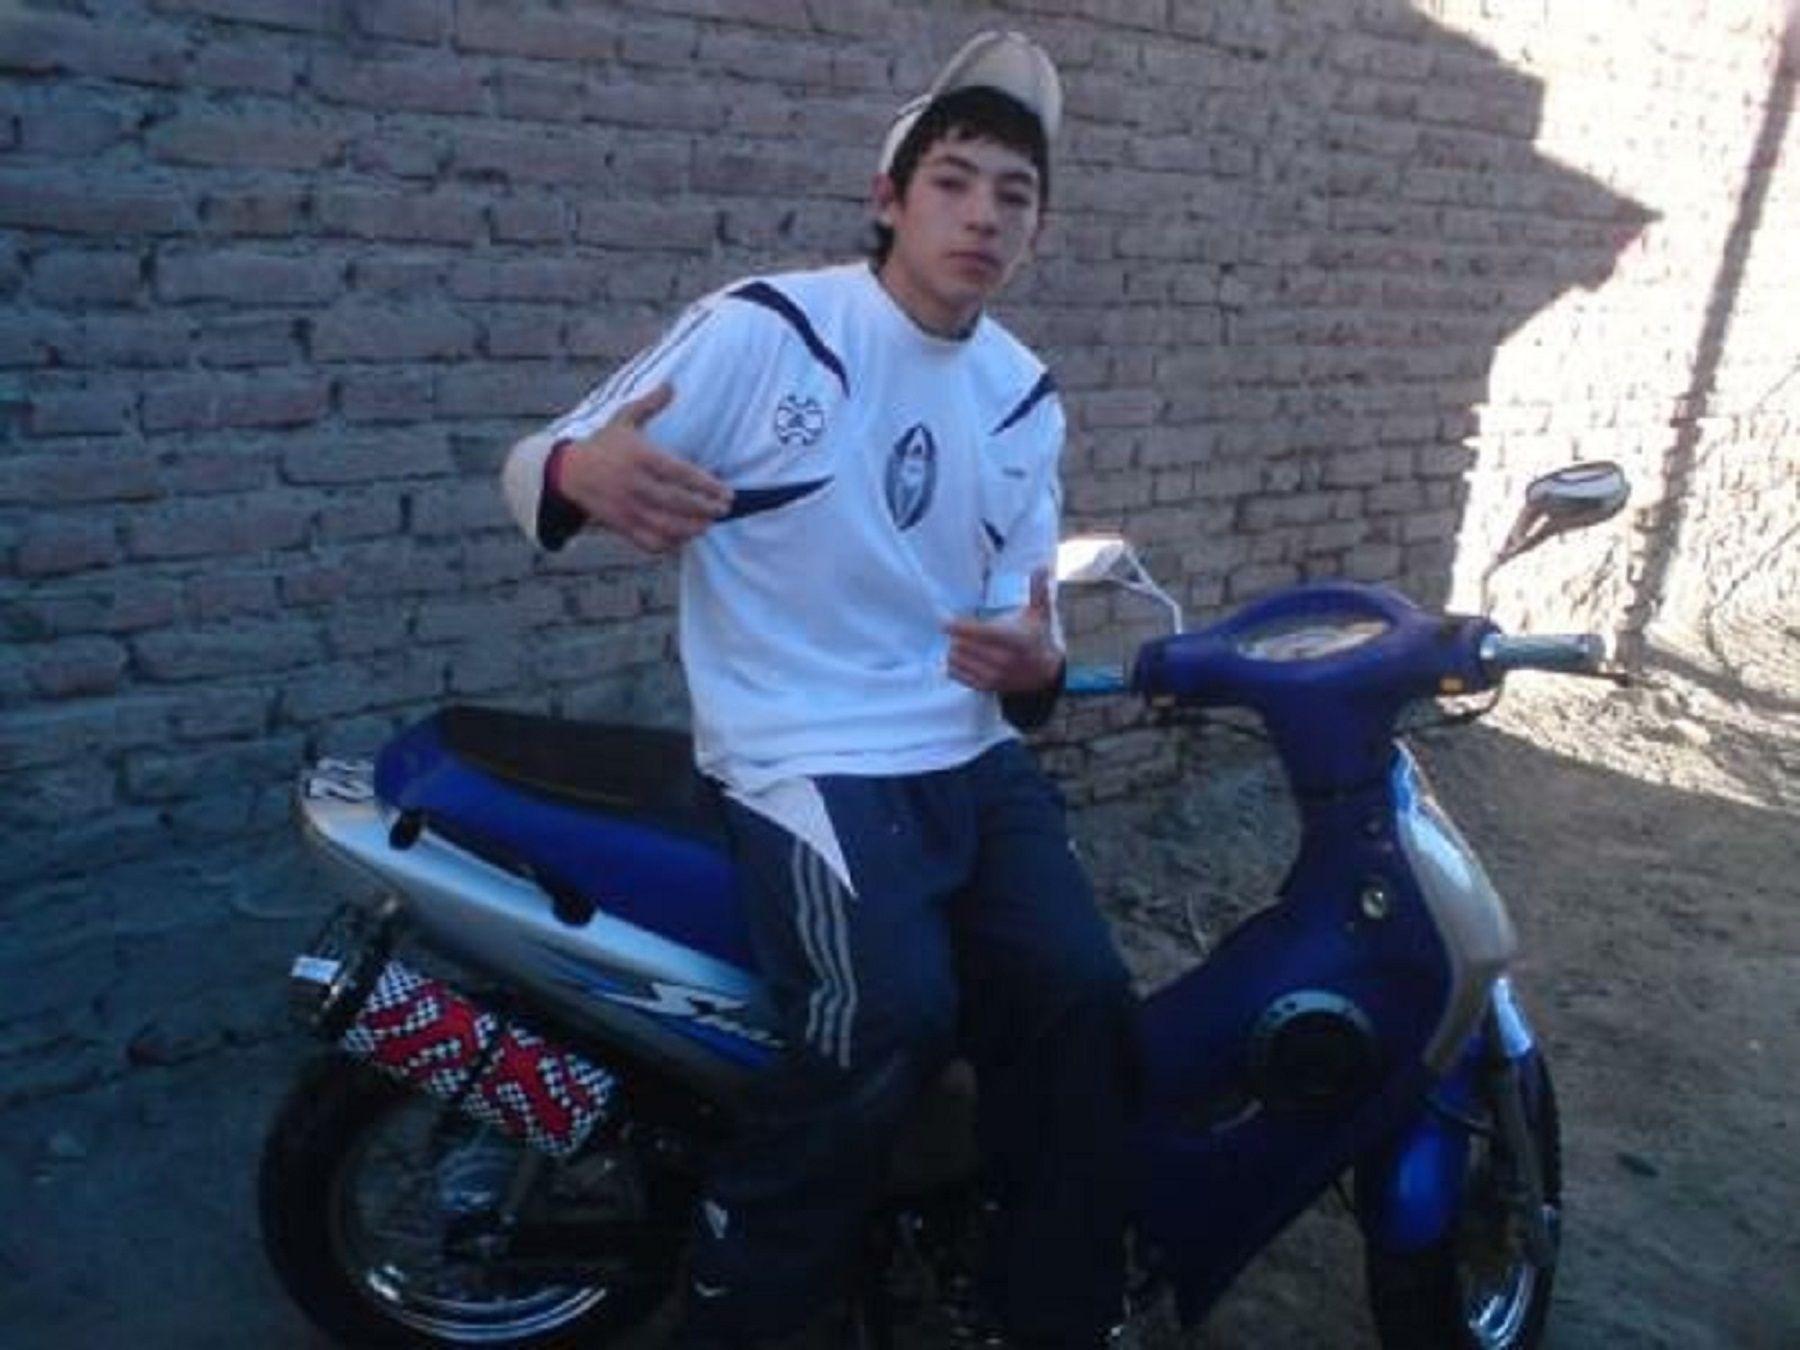 Insólito: un motochorro se ofrece en Facebook para que quedes como valiente con tu pareja